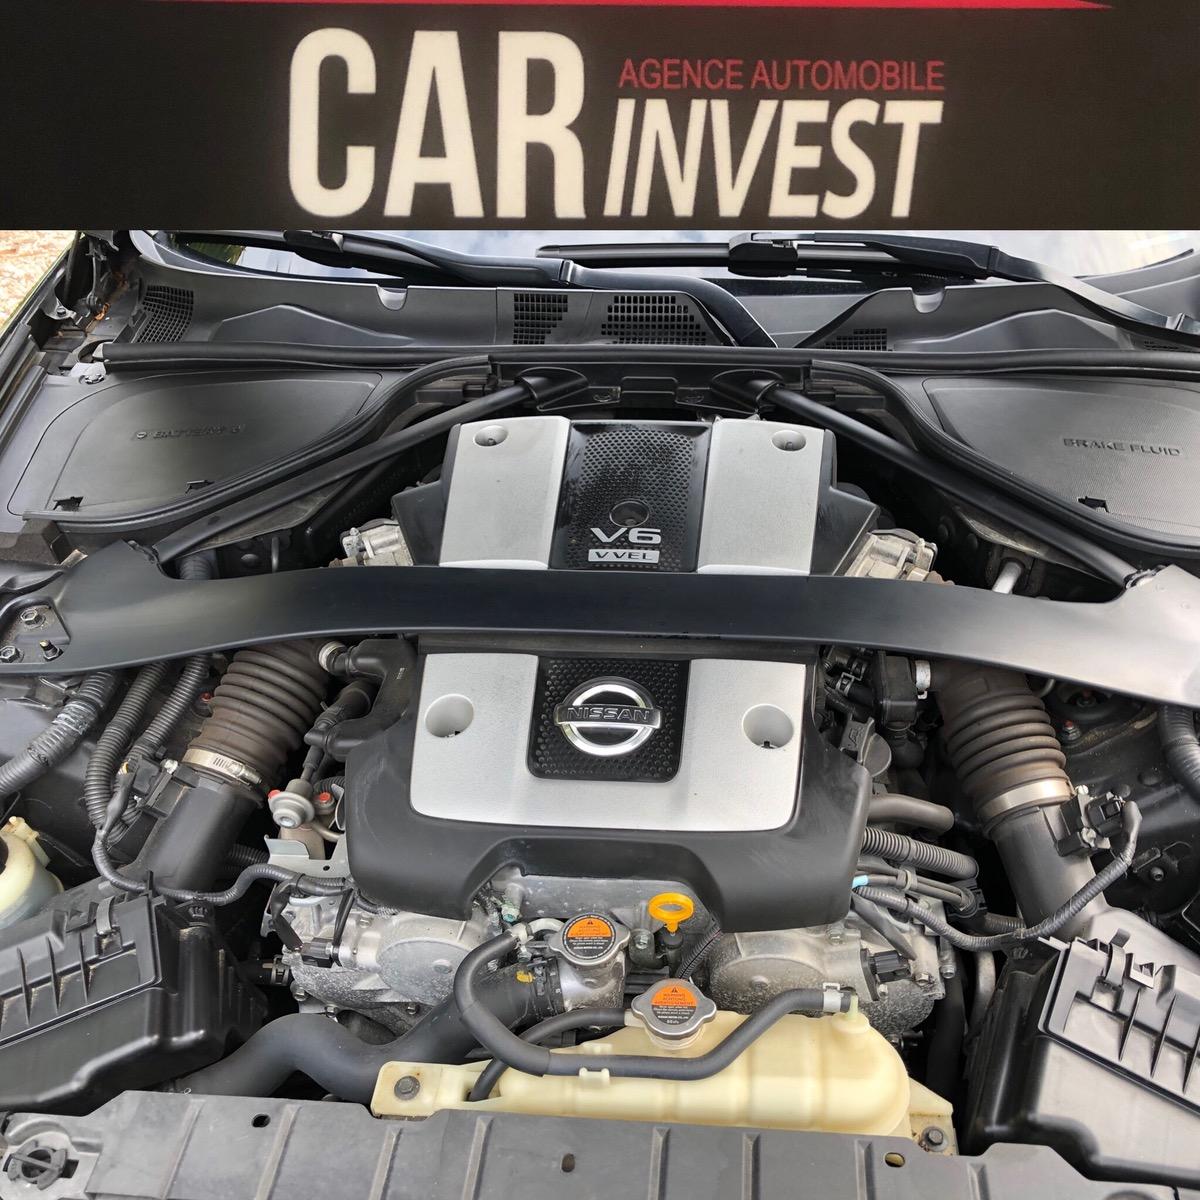 Nissan 370z coupé 3.7 v6 - 331 - bva2